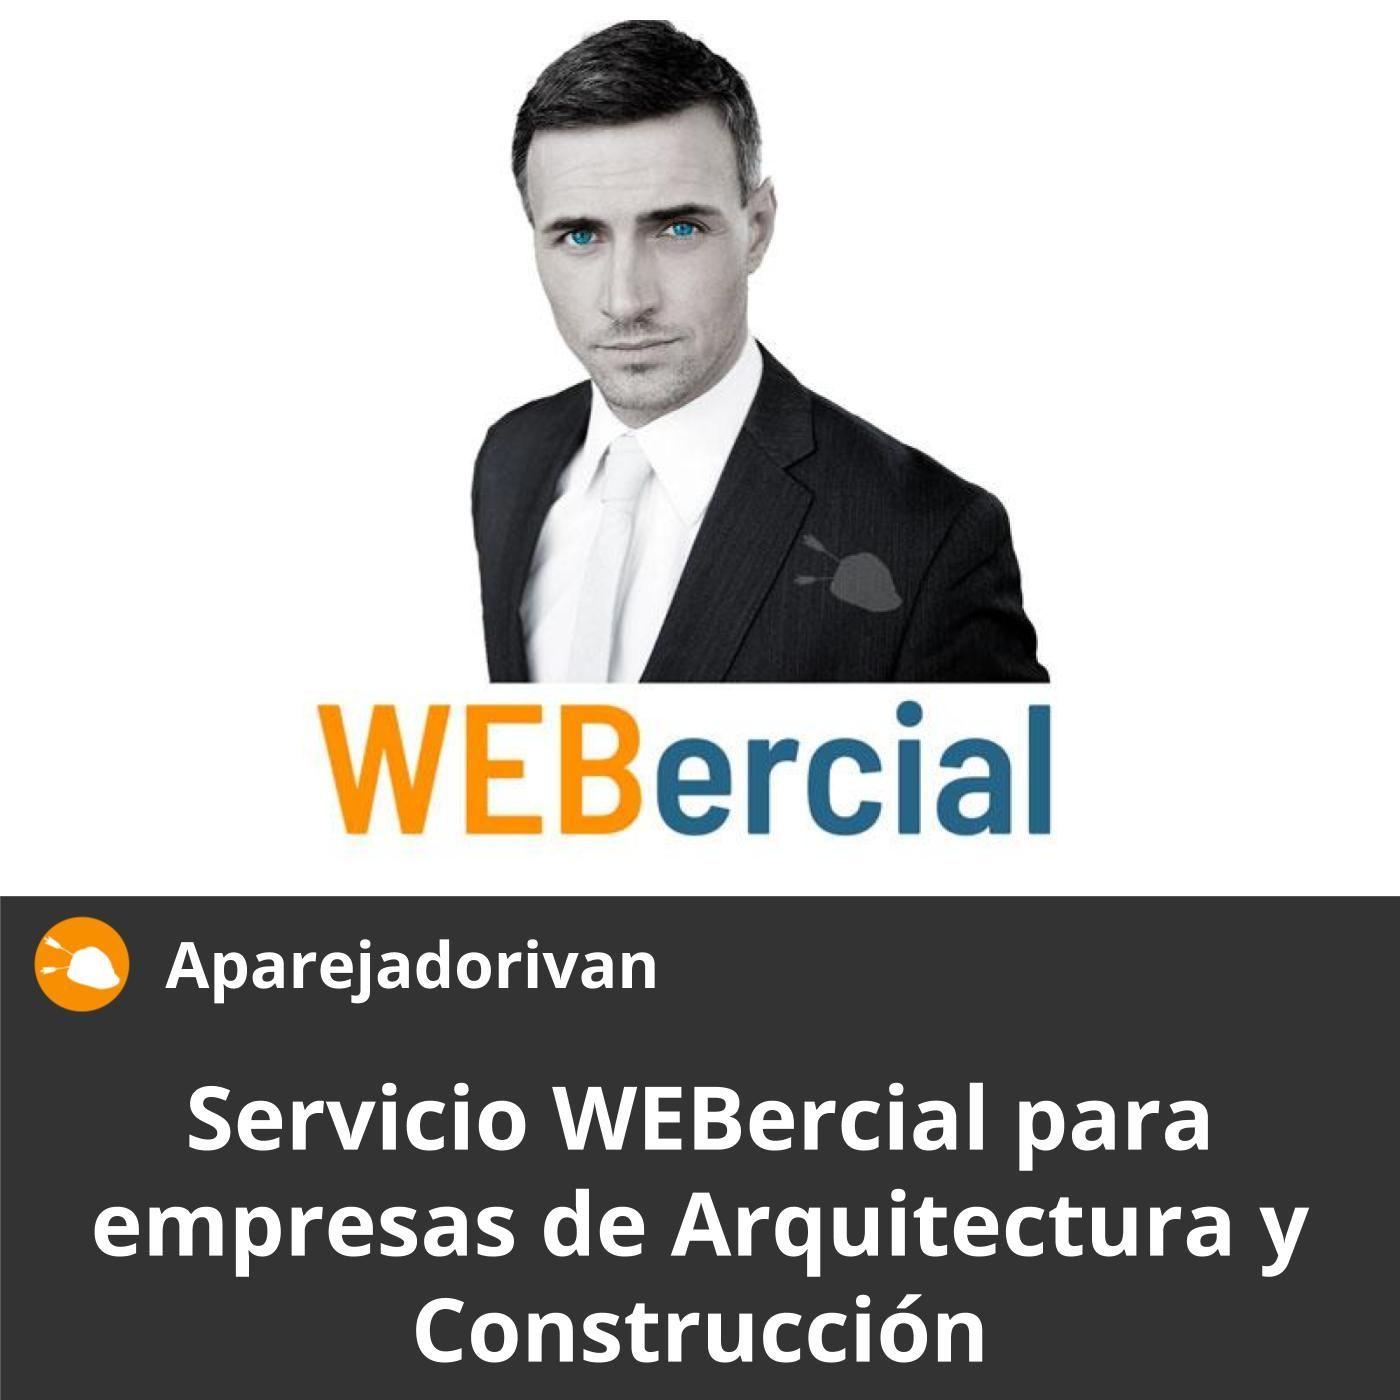 Servicio WEBercial para empresas de Arquitectura y Construccion